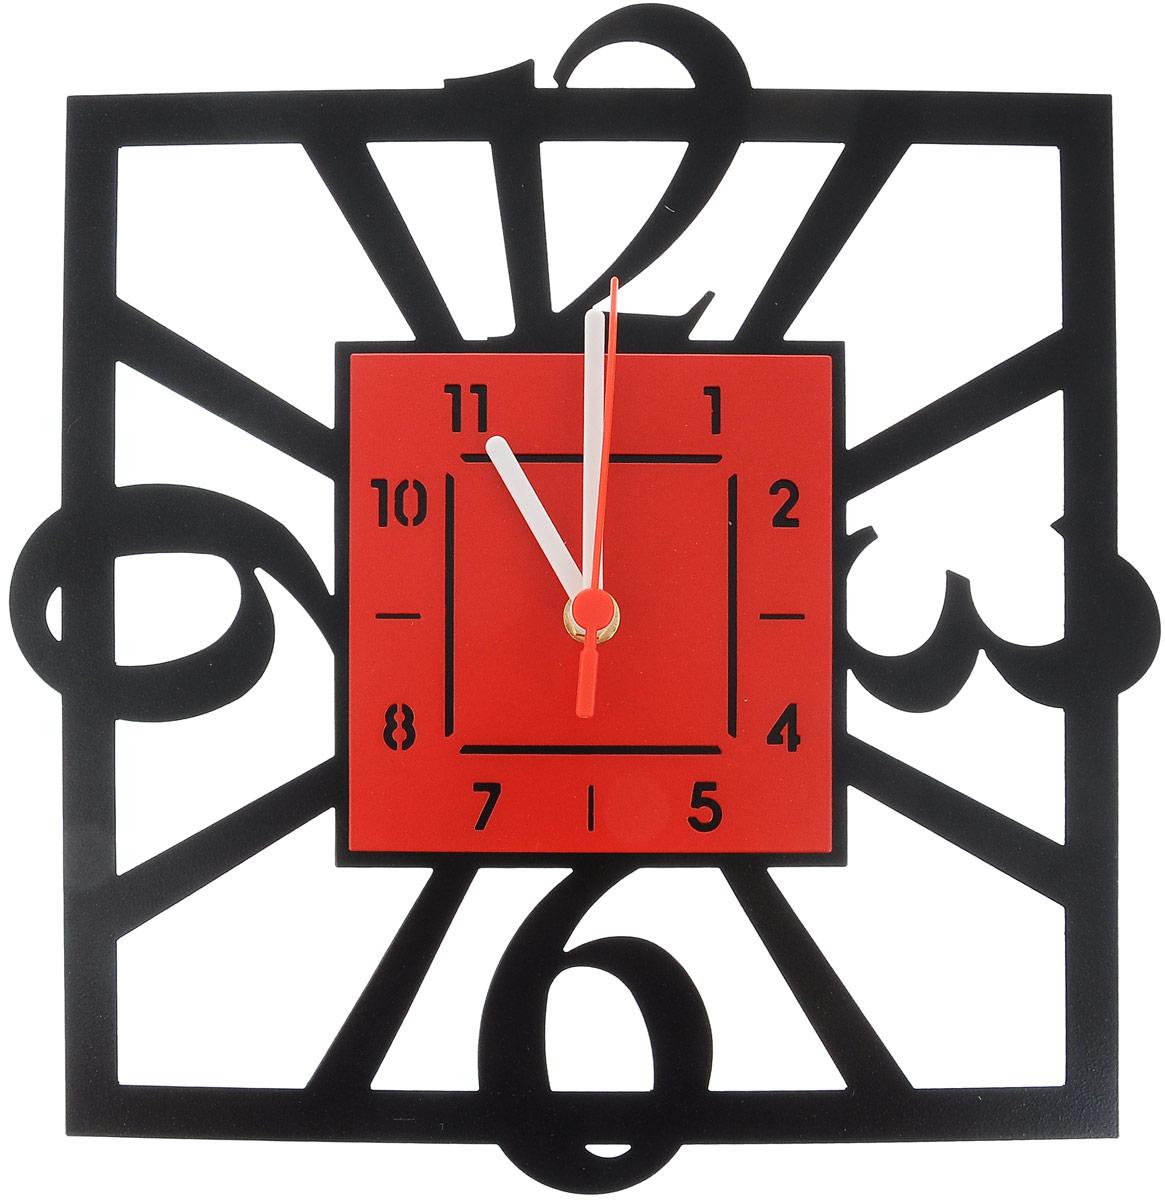 Часы настенные Miolla Квадратные, цвет: черный, красный97094Оригинальные настенные часы Miolla квадратной формы выполнены из стали. Часы имеют три стрелки - часовую, минутную и секундную и циферблат с цифрами. Необычное дизайнерское решение и качество исполнения придутся по вкусу каждому.Оформите свой дом таким интерьерным аксессуаром или преподнесите его в качестве презента друзьям, и они оценят ваш оригинальный вкус и неординарность подарка.Размер часов: 29 х 30 см.Часы работают от 1 батарейки типа АА напряжением 1,5 В (в комплект не входит).